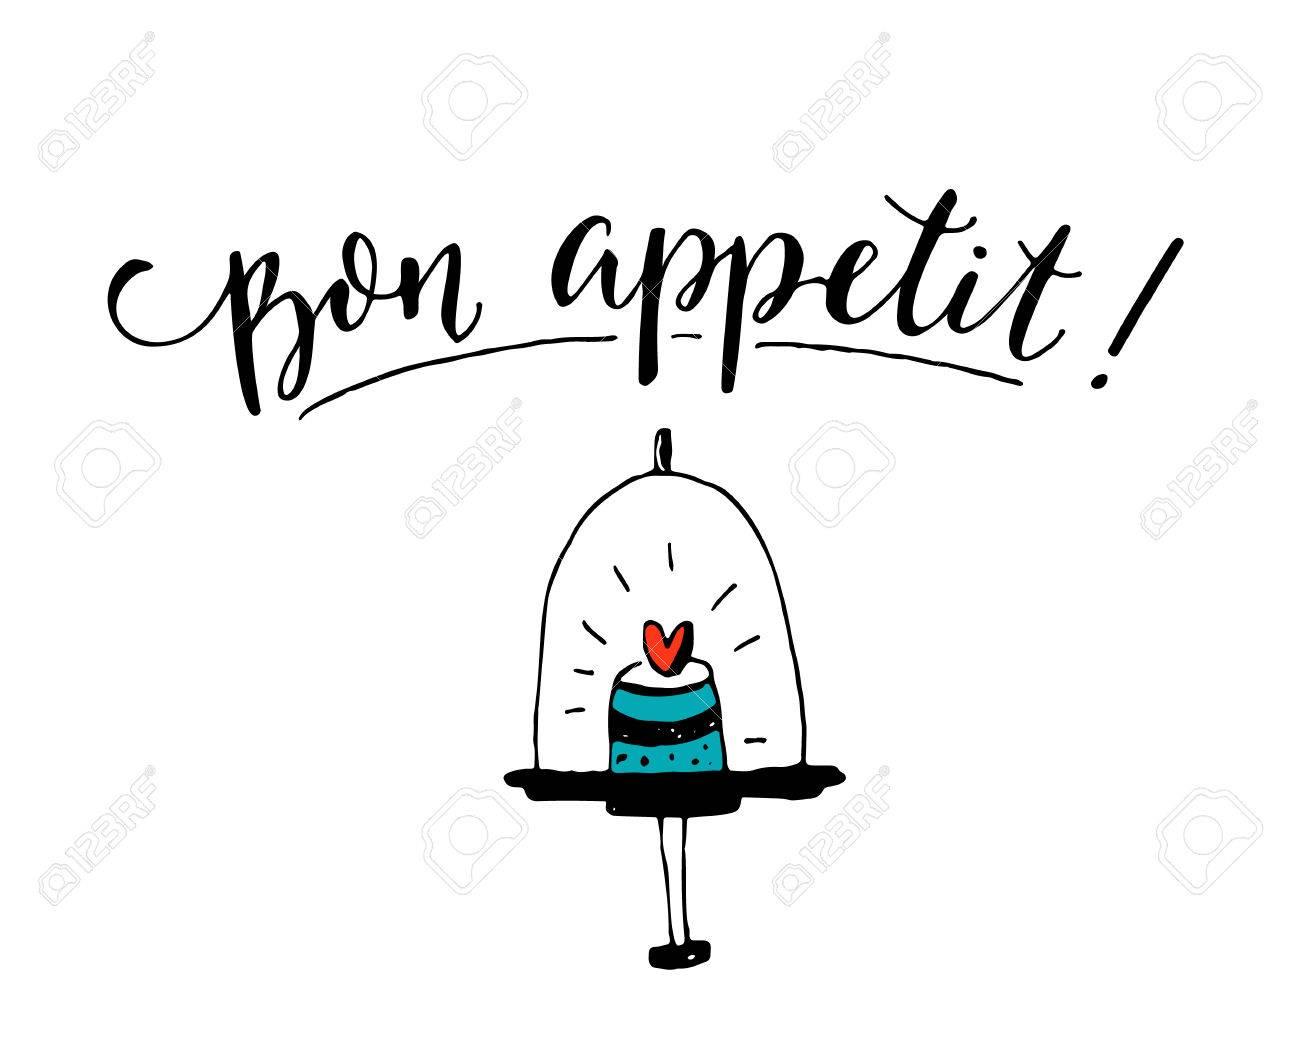 Buen provecho Disfruta tu ida en francés Dise±o del cartel del café con la